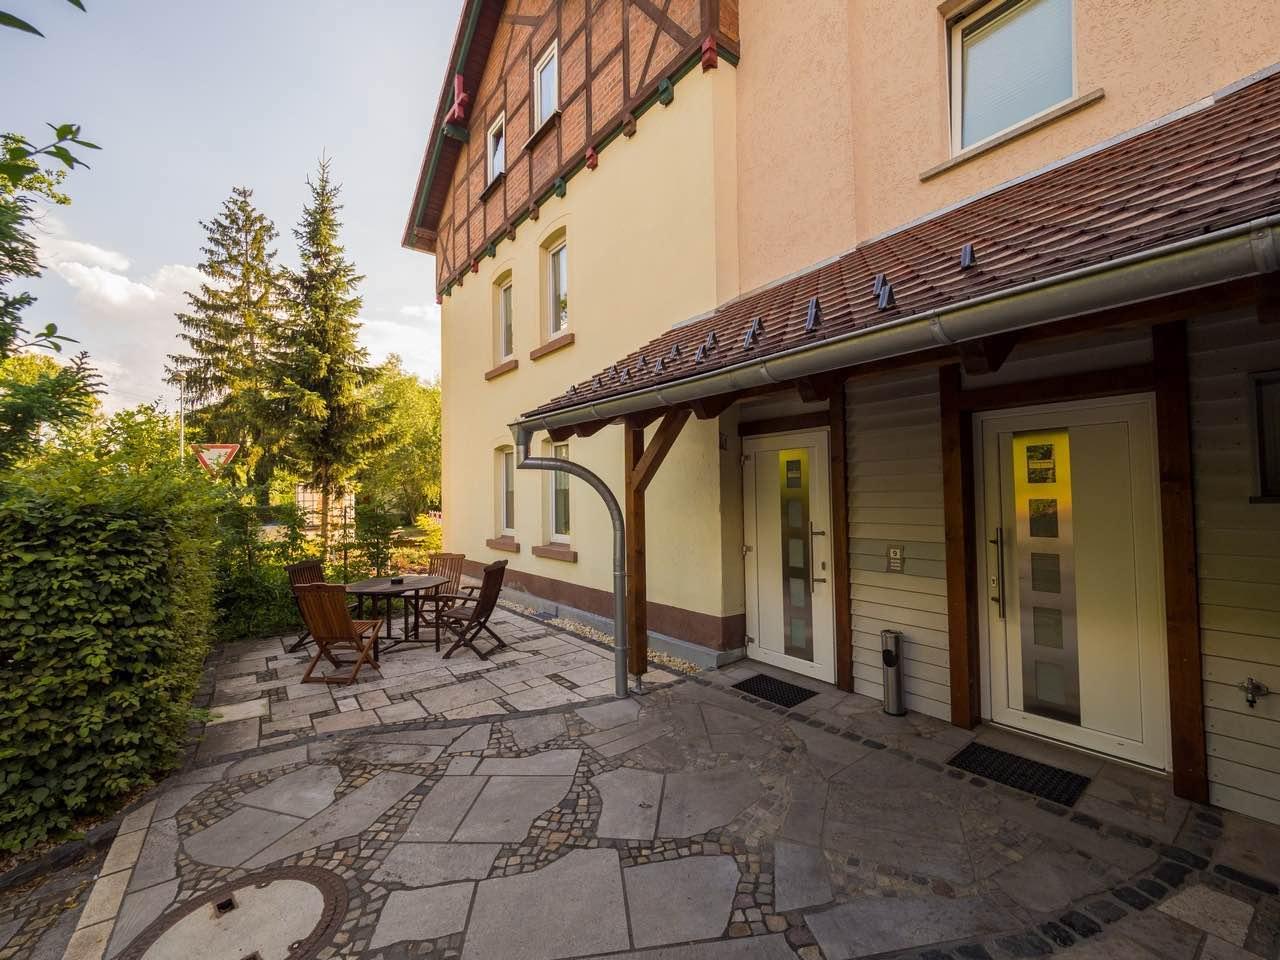 Ferienwohnung (Eingang und Terrasse)